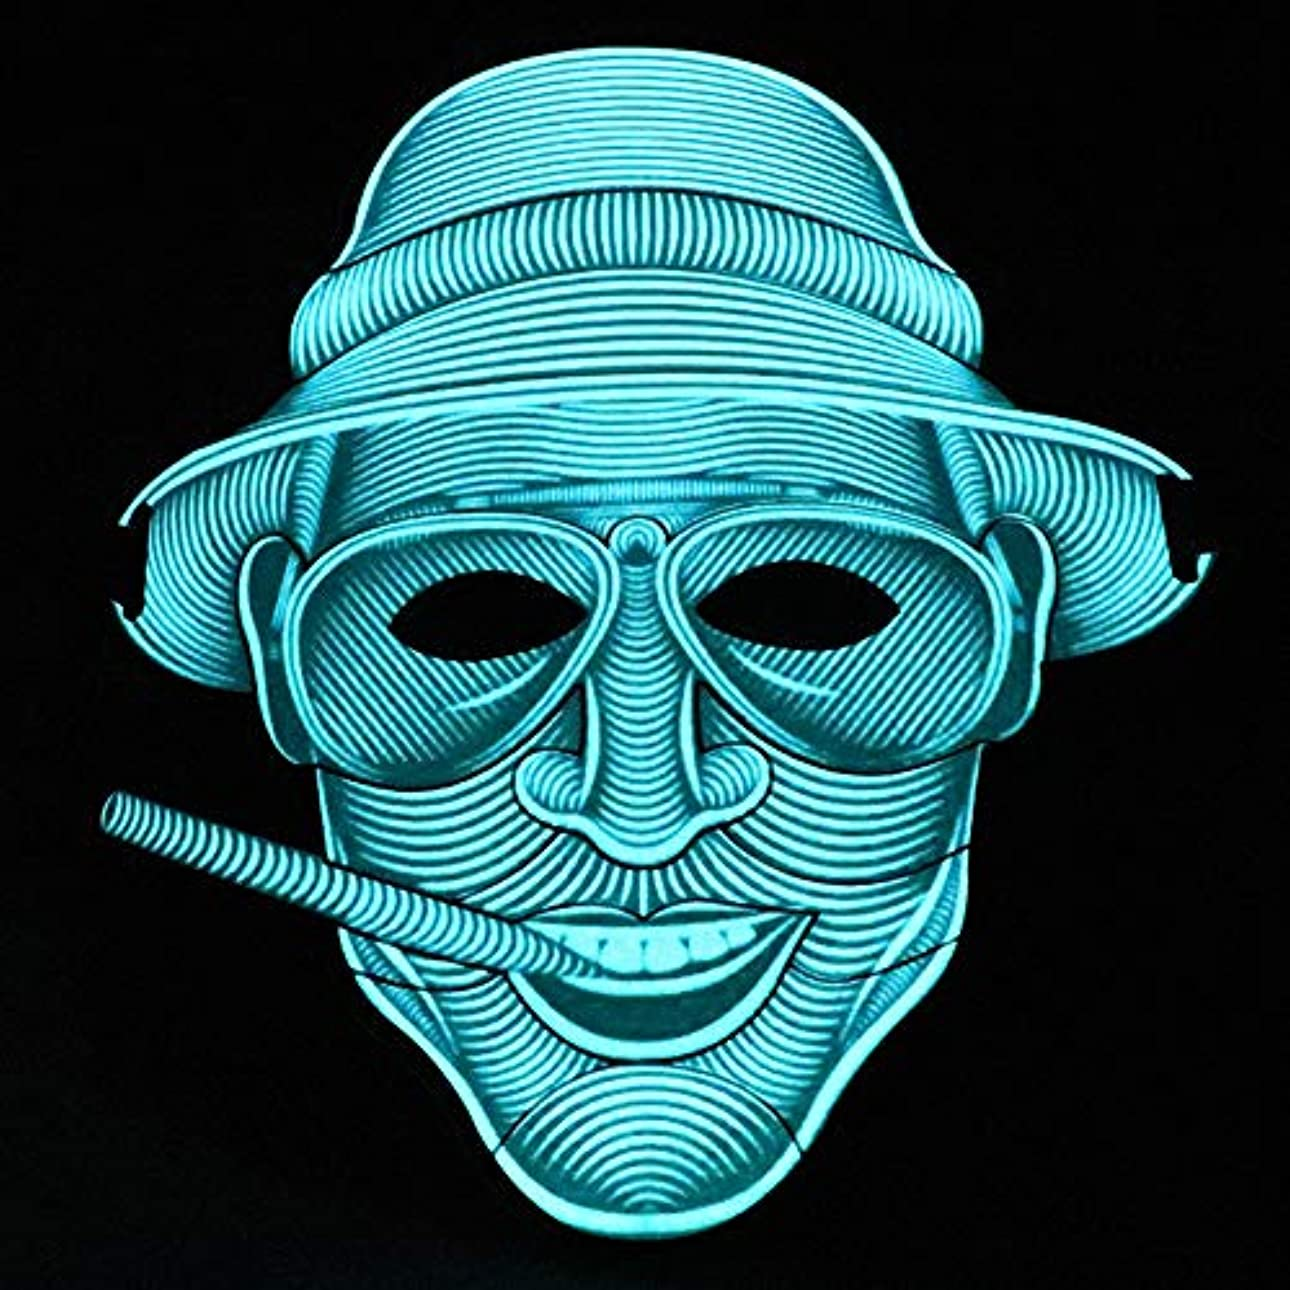 シャイもっともらしい黄ばむ照らされたマスクLED創造的な冷光音響制御マスクハロウィンバーフェスティバルダンスマスク (Color : #7)